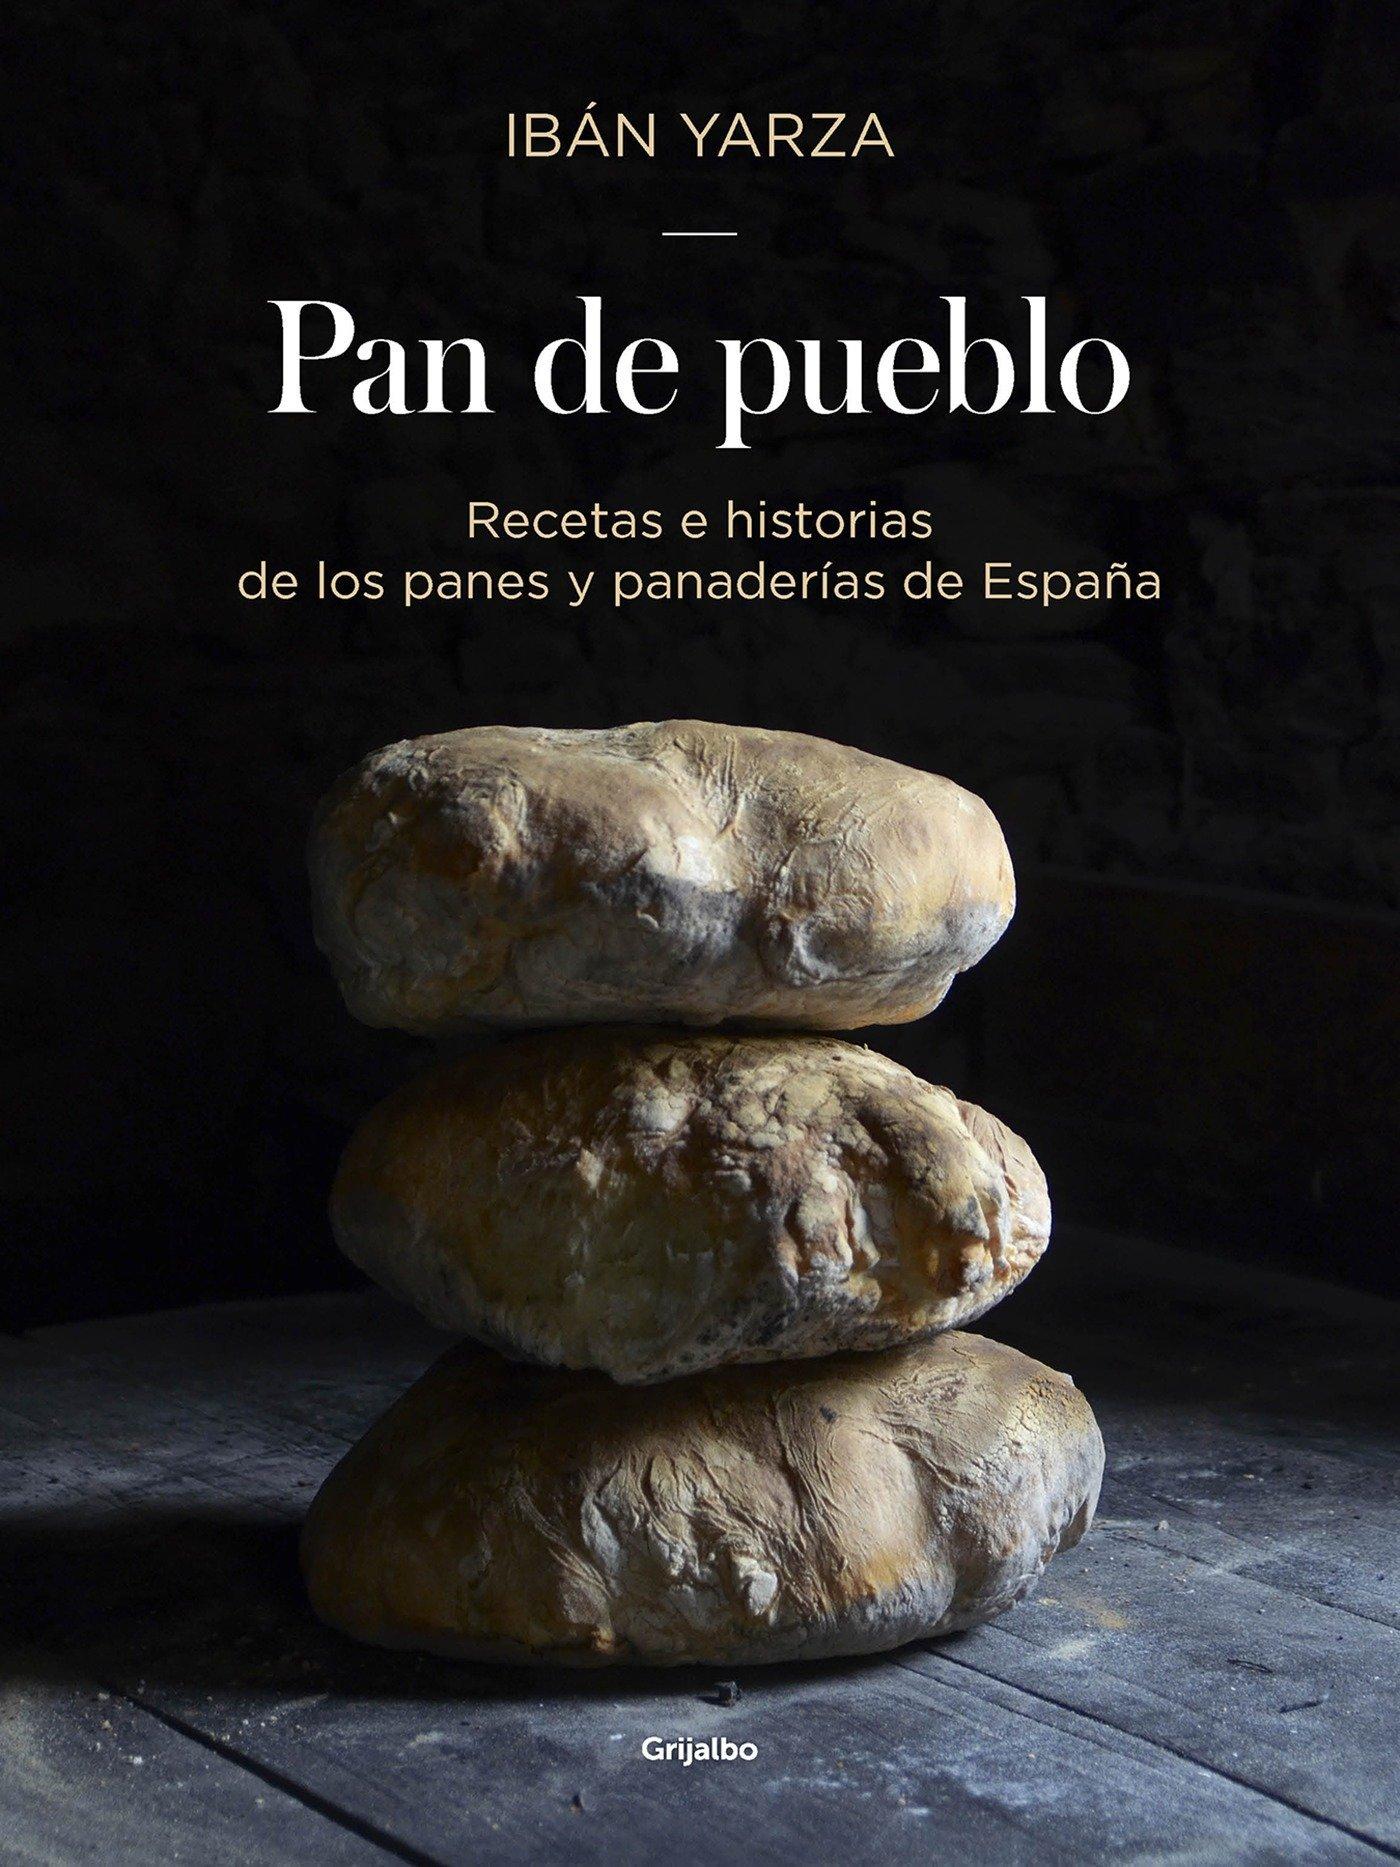 Pan de pueblo: Recetas e historias de los panes y panaderías de España